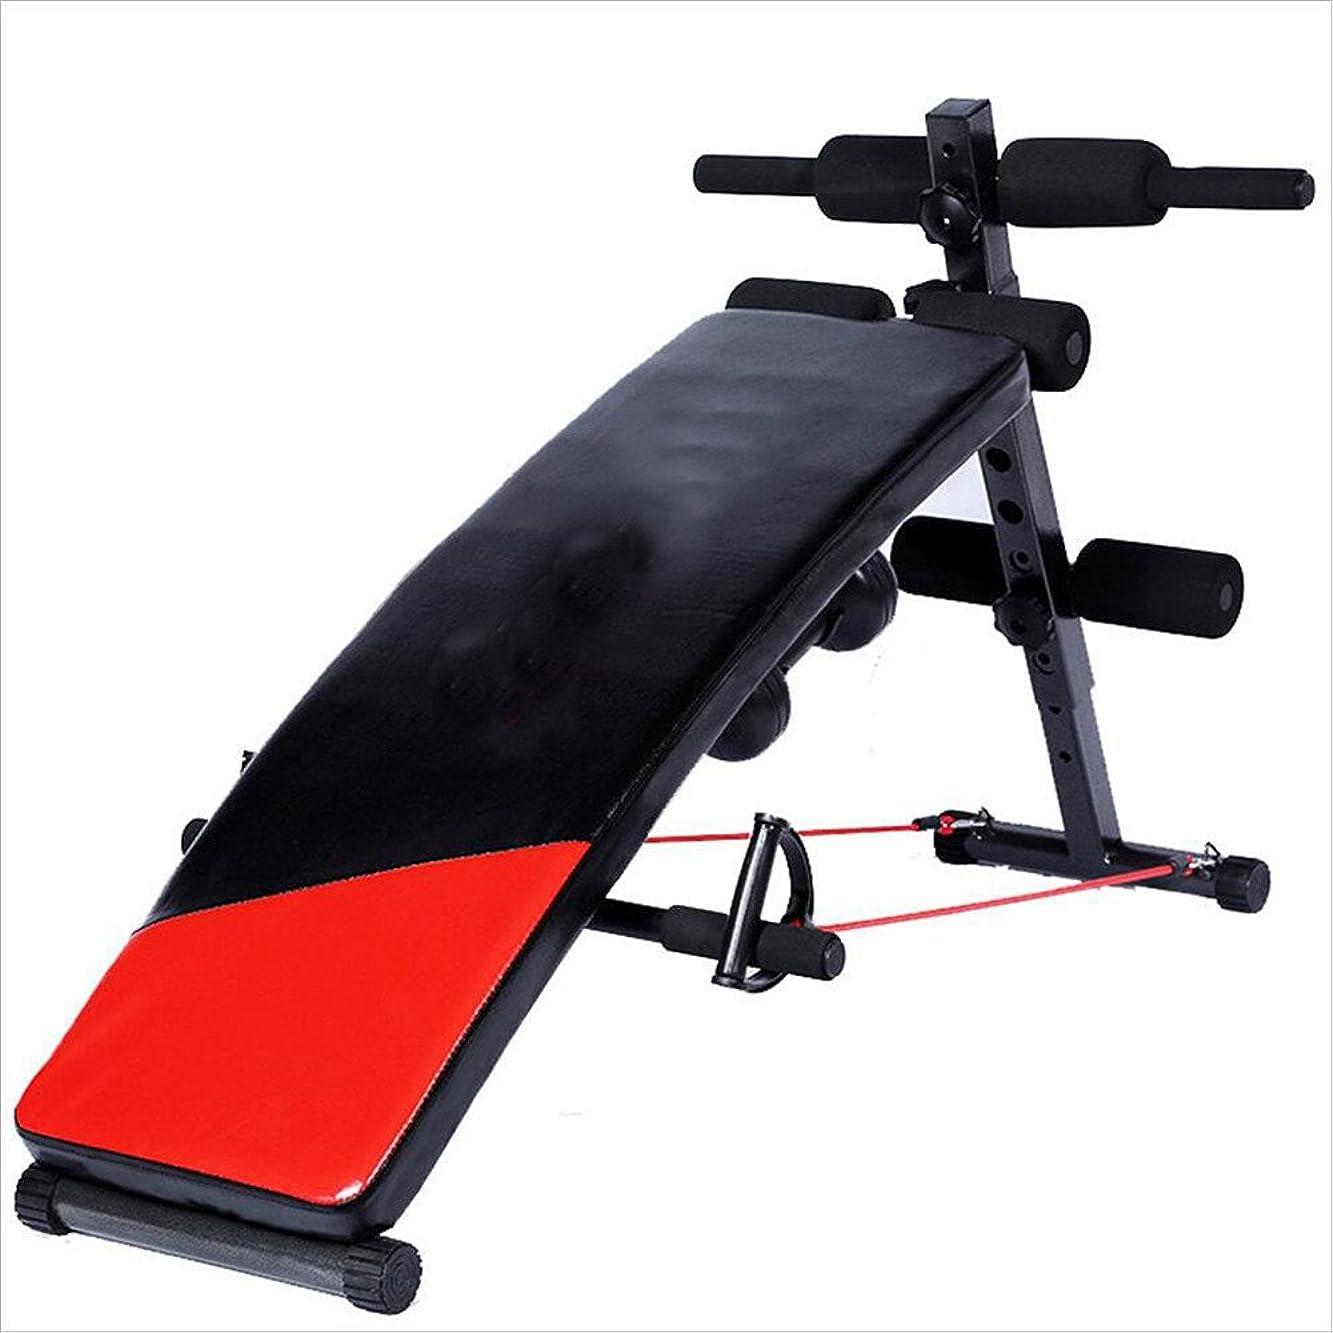 マガジン投げる困惑するマルチシットアップベンチ, マルチシットアップベンチ シットアップベンチ 腹筋 背筋 全身を鍛えるマルチエクササイズ 男女兼用 腹筋 背筋 ダンベル プレス用 トレーニングベンチ